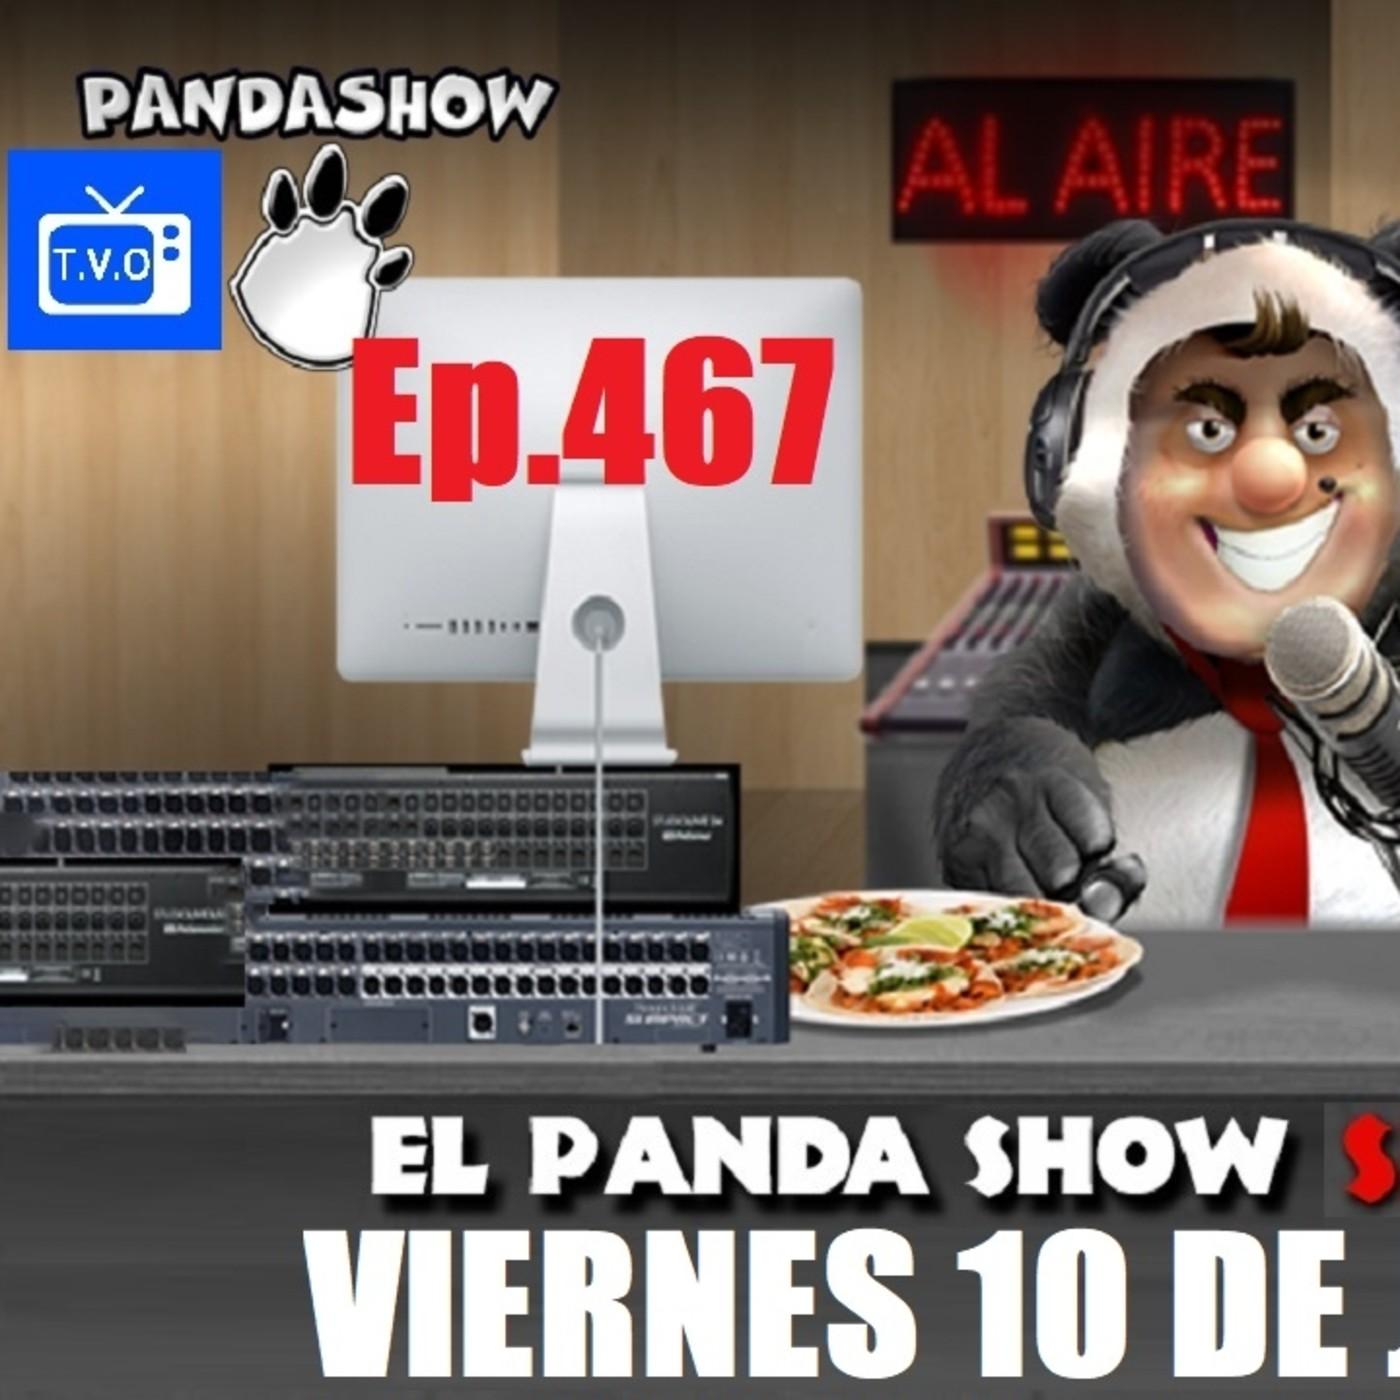 EL PANDA SHOW Ep. 467 VIERNES 10 DE JULIO 2020